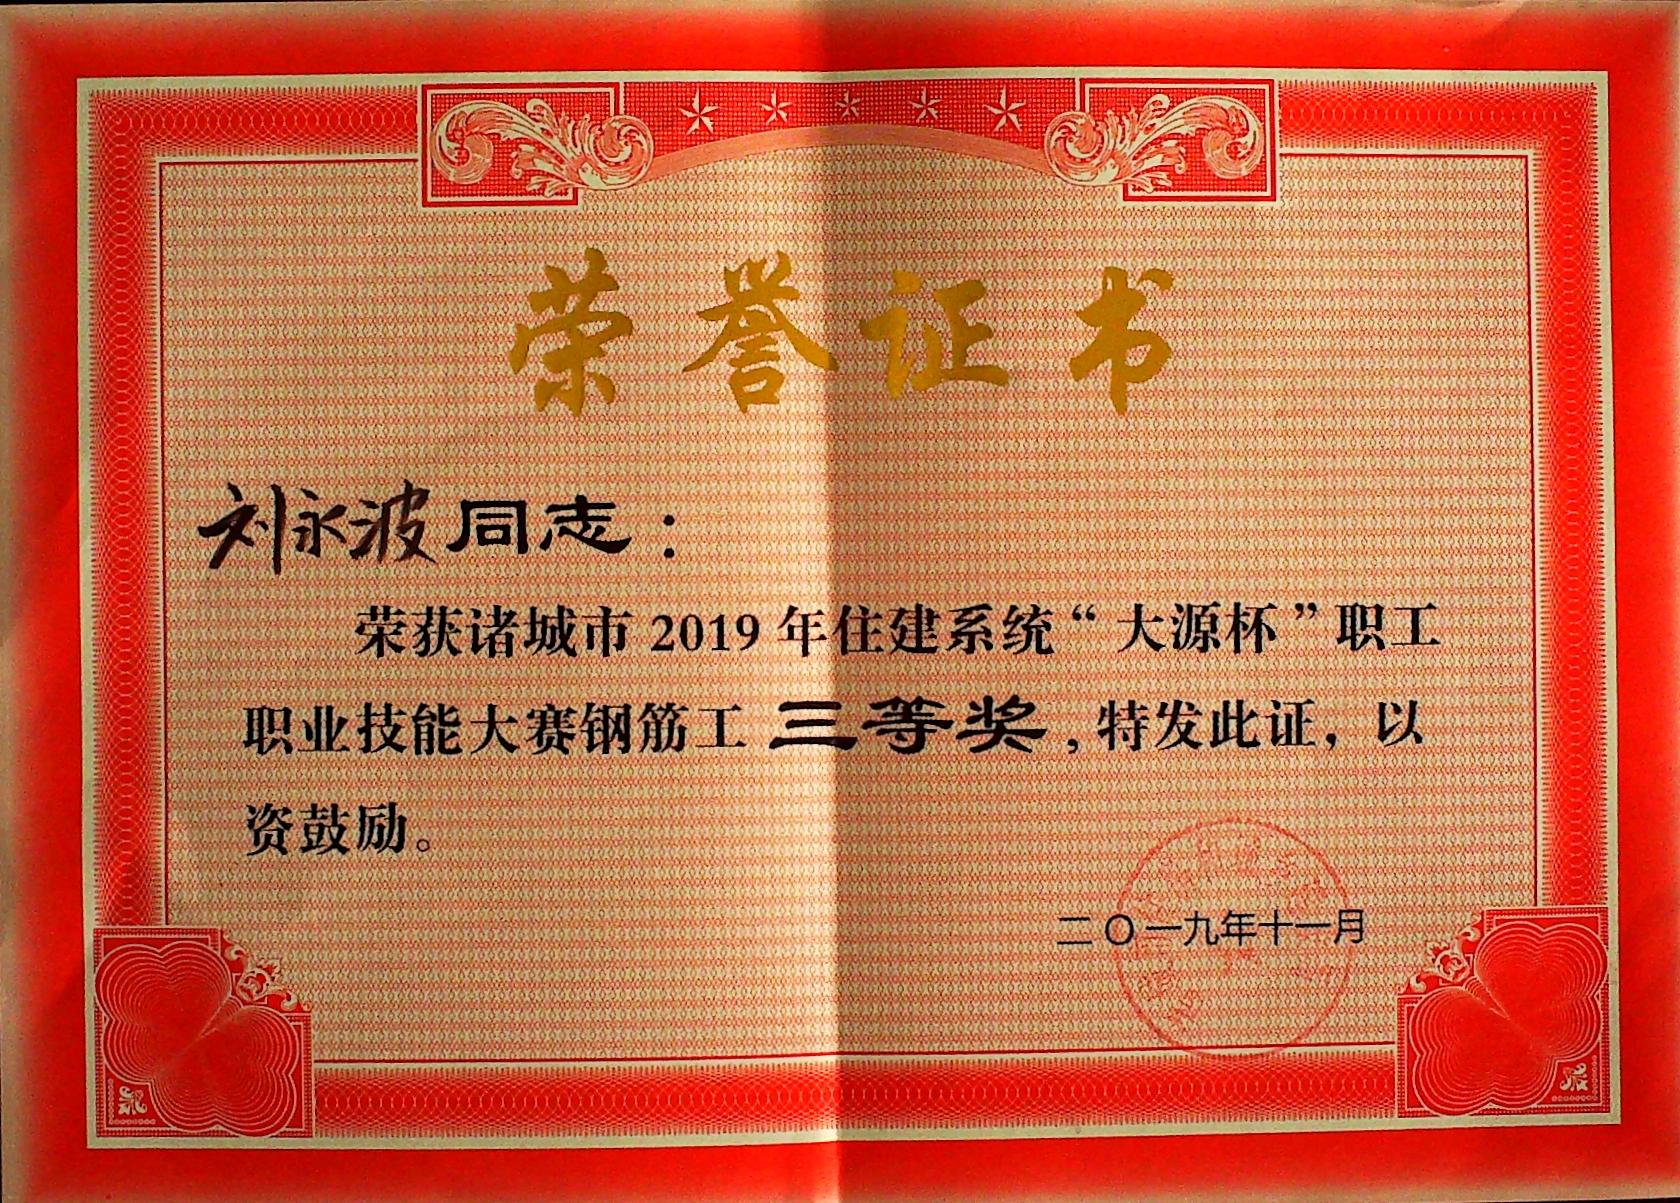 刘永波职工职业技能大赛钢筋工三等奖